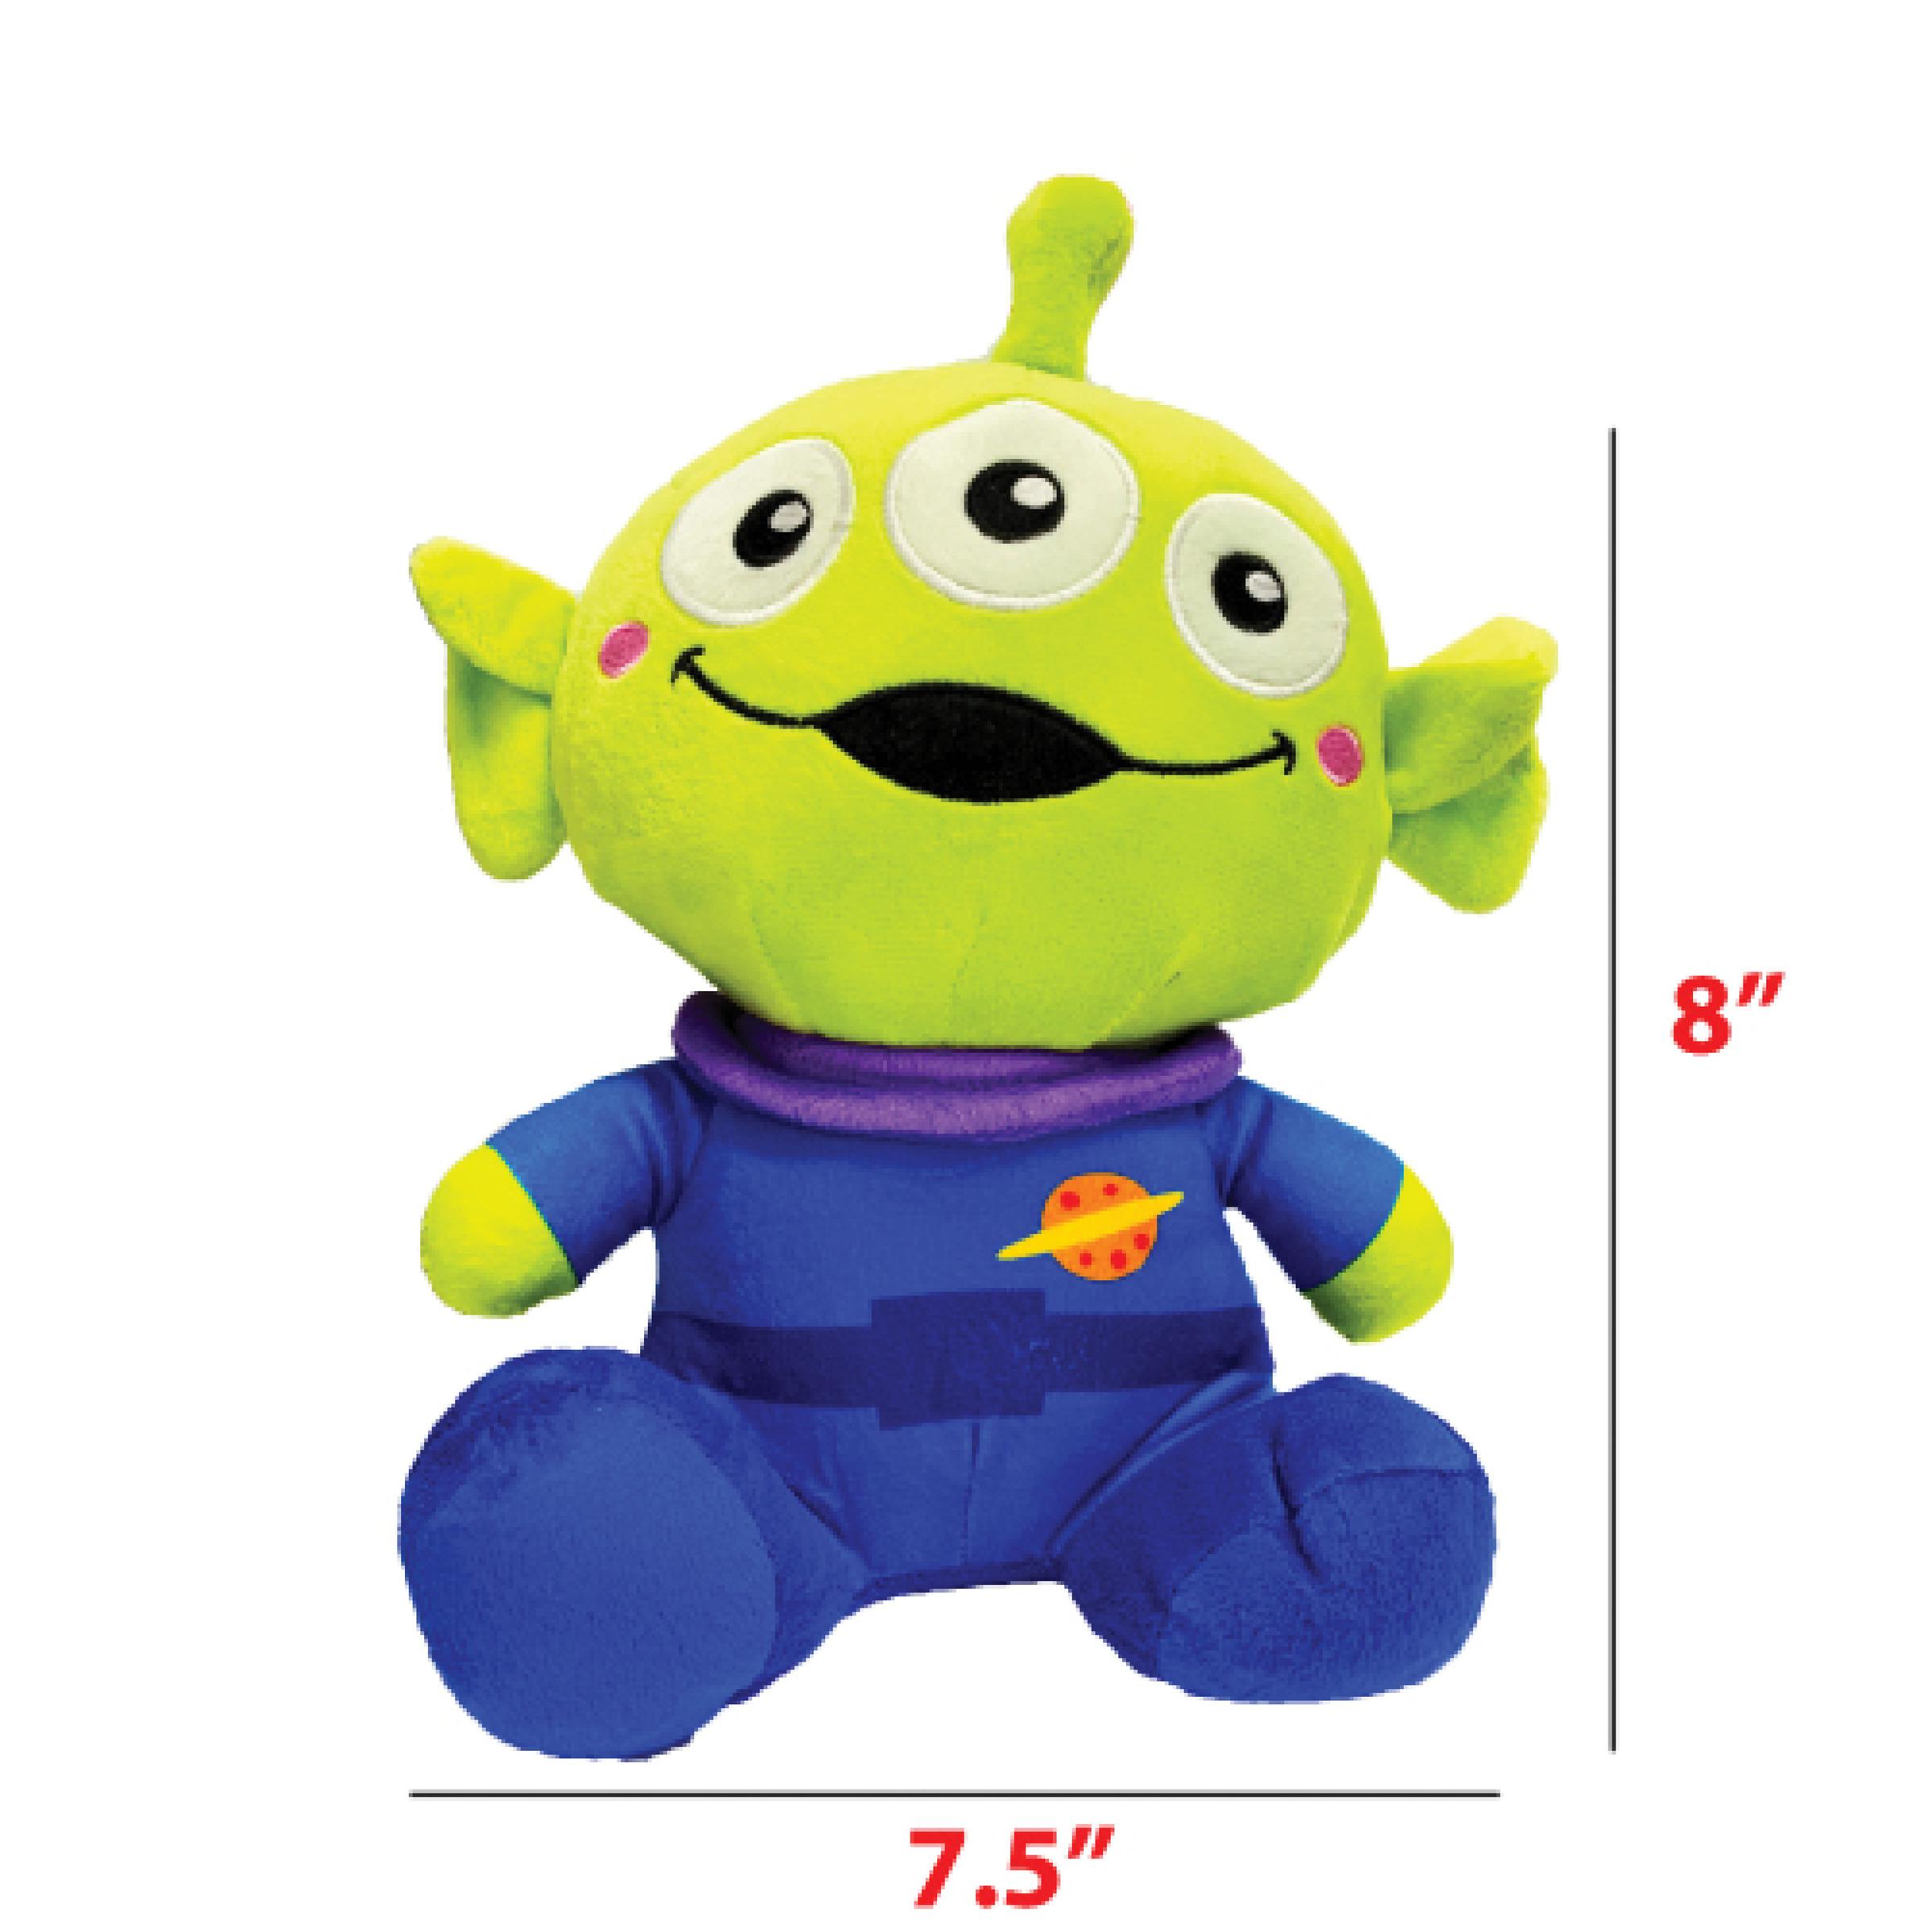 Toy-Story-Alien-Cute-10-Plush-2.jpg